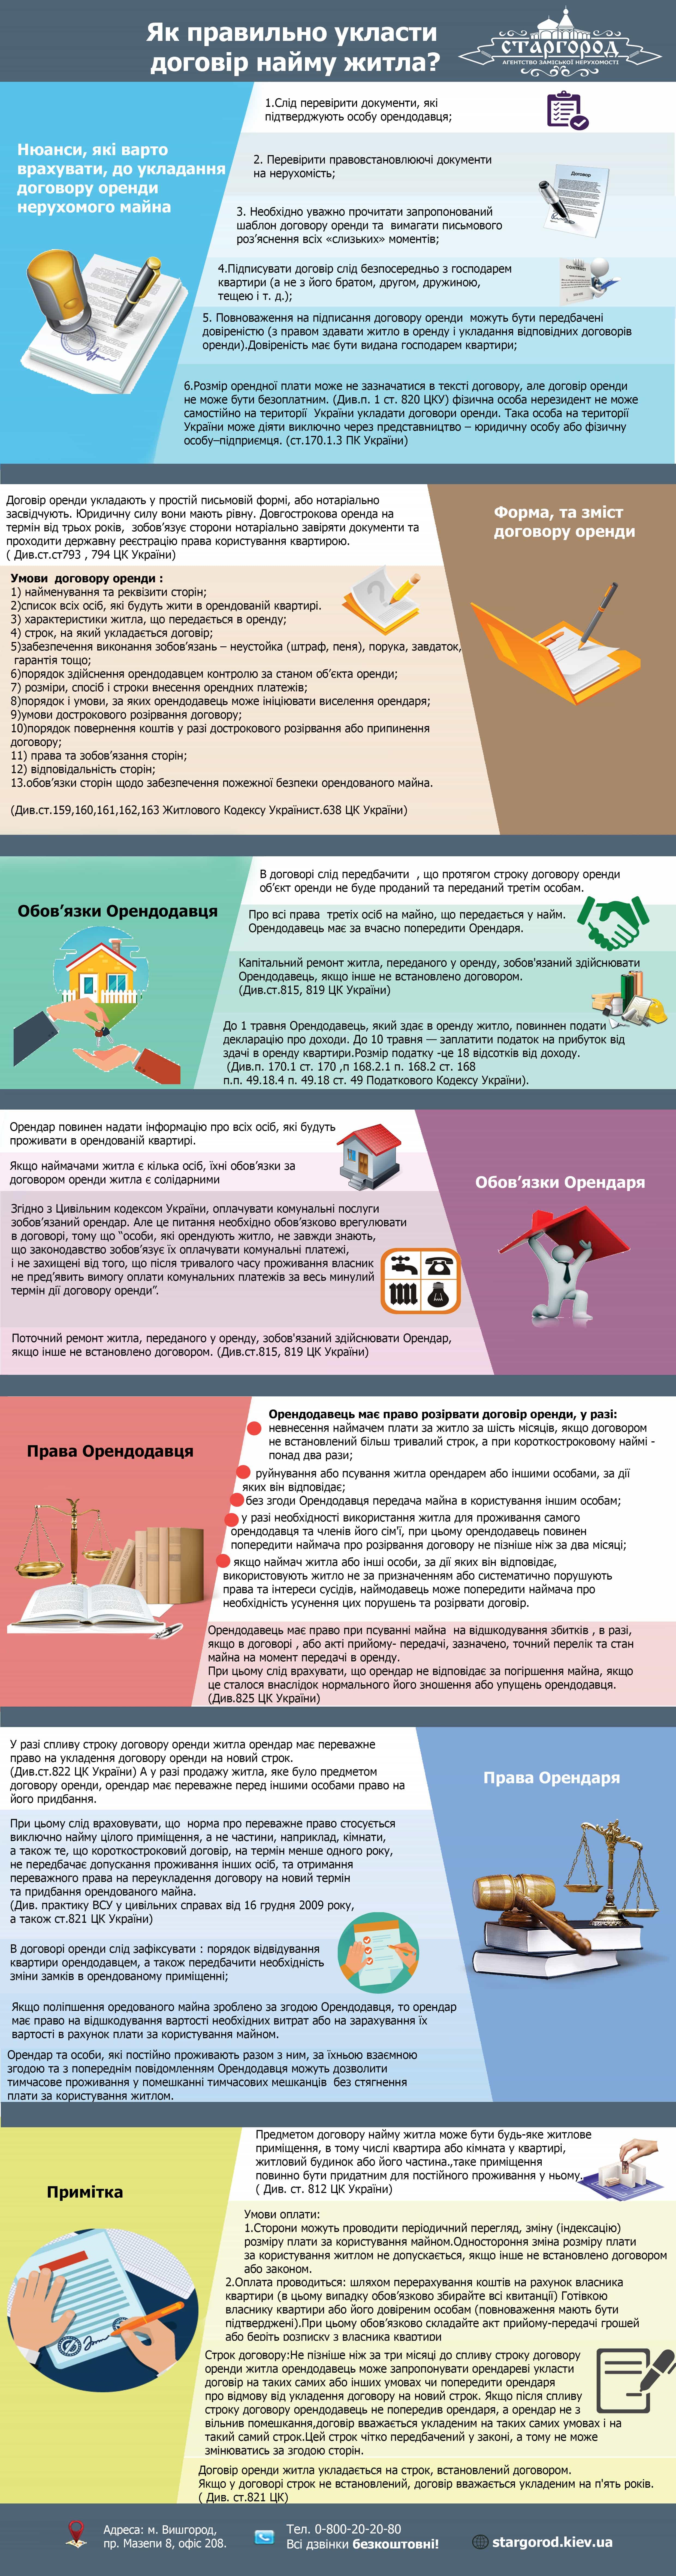 договор аренды жилья украина